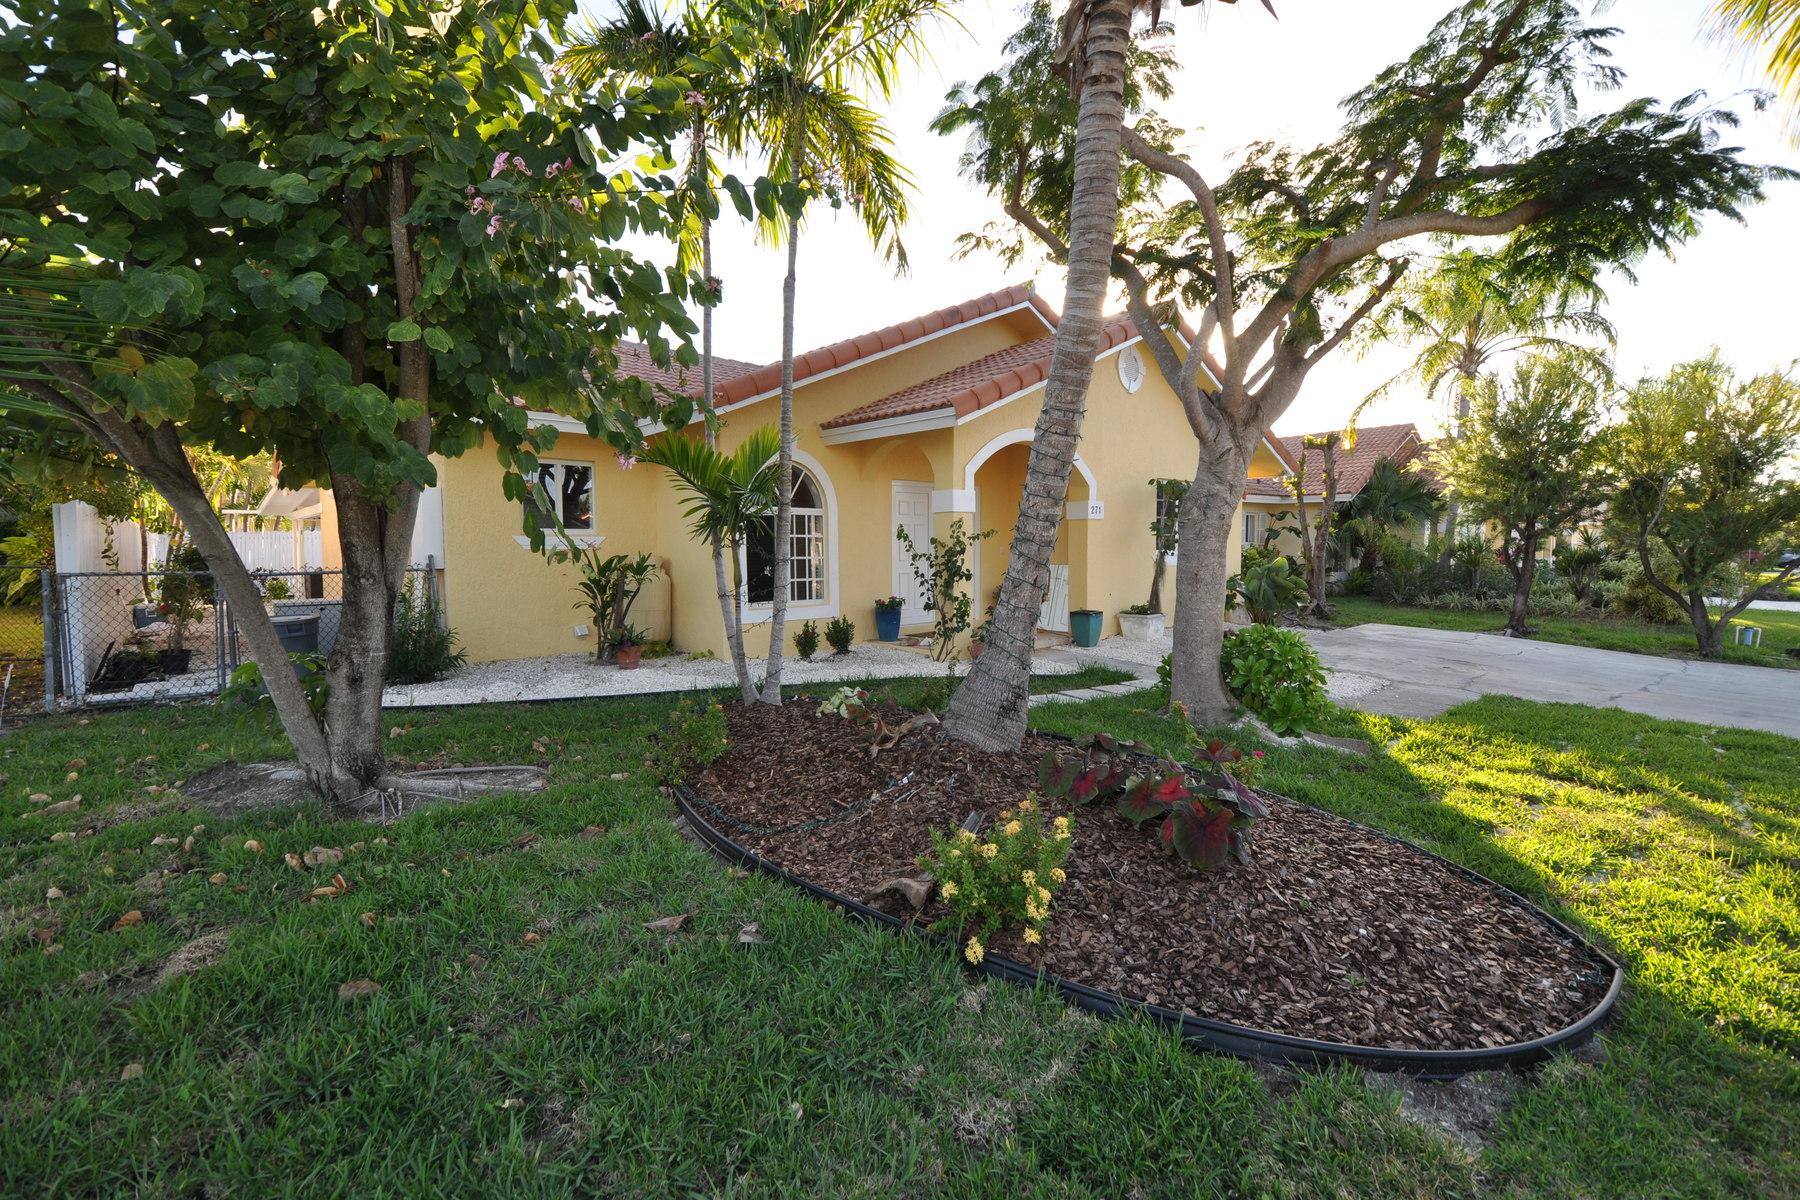 Частный односемейный дом для того Продажа на Treasure Cove #271 Treasure Cove, Yamacraw, Нью-Провиденс/Нассау Багамские Острова